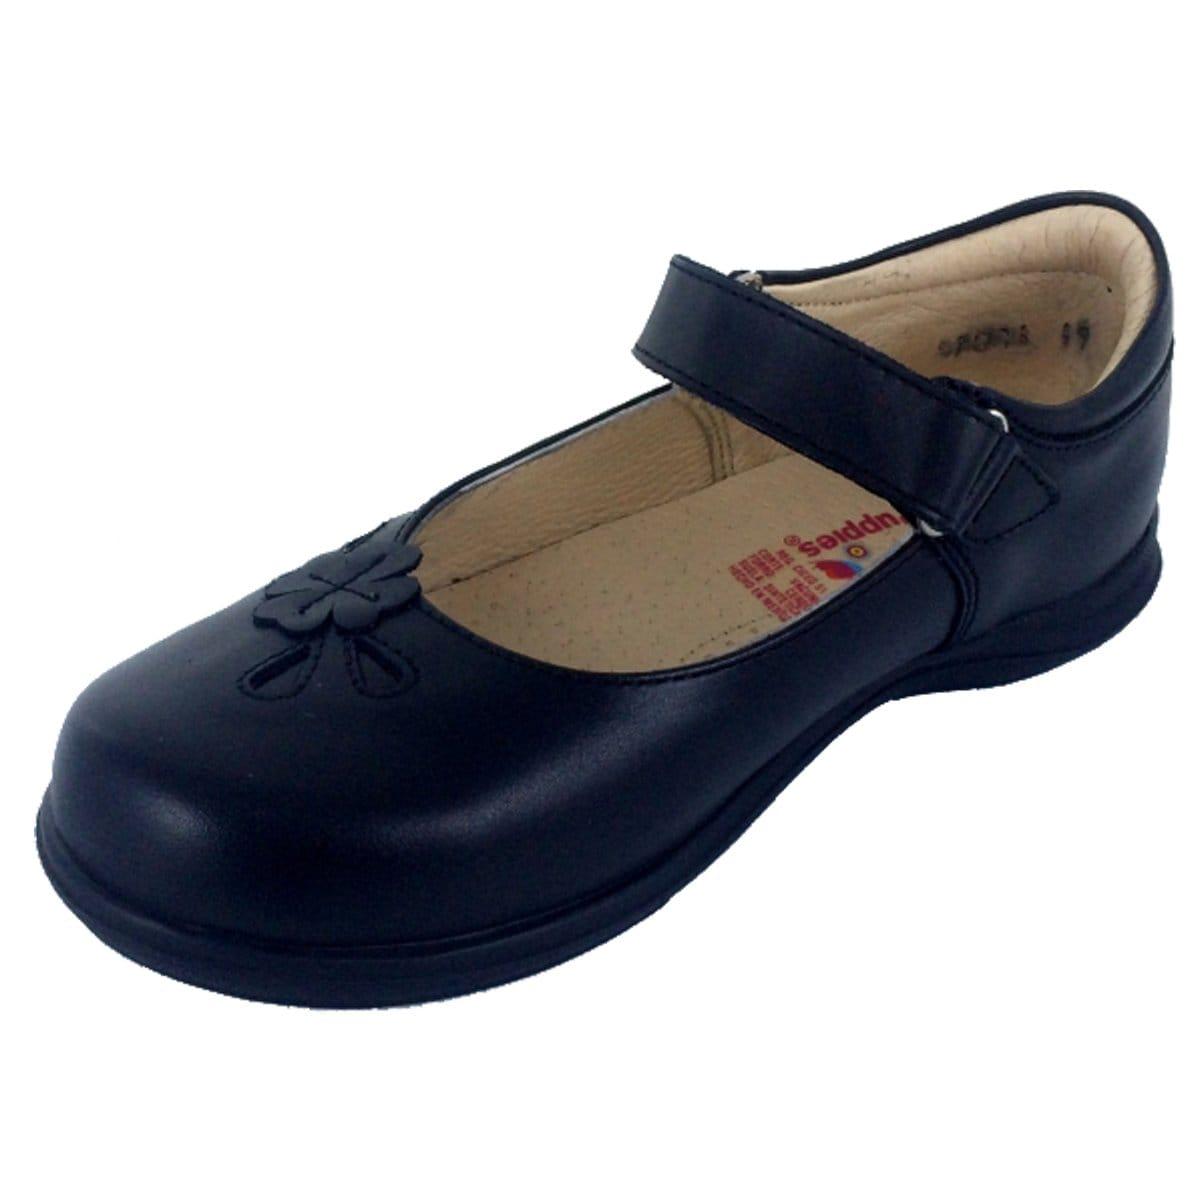 Zapato Escolar Velcro 18-21 Mod. 62001